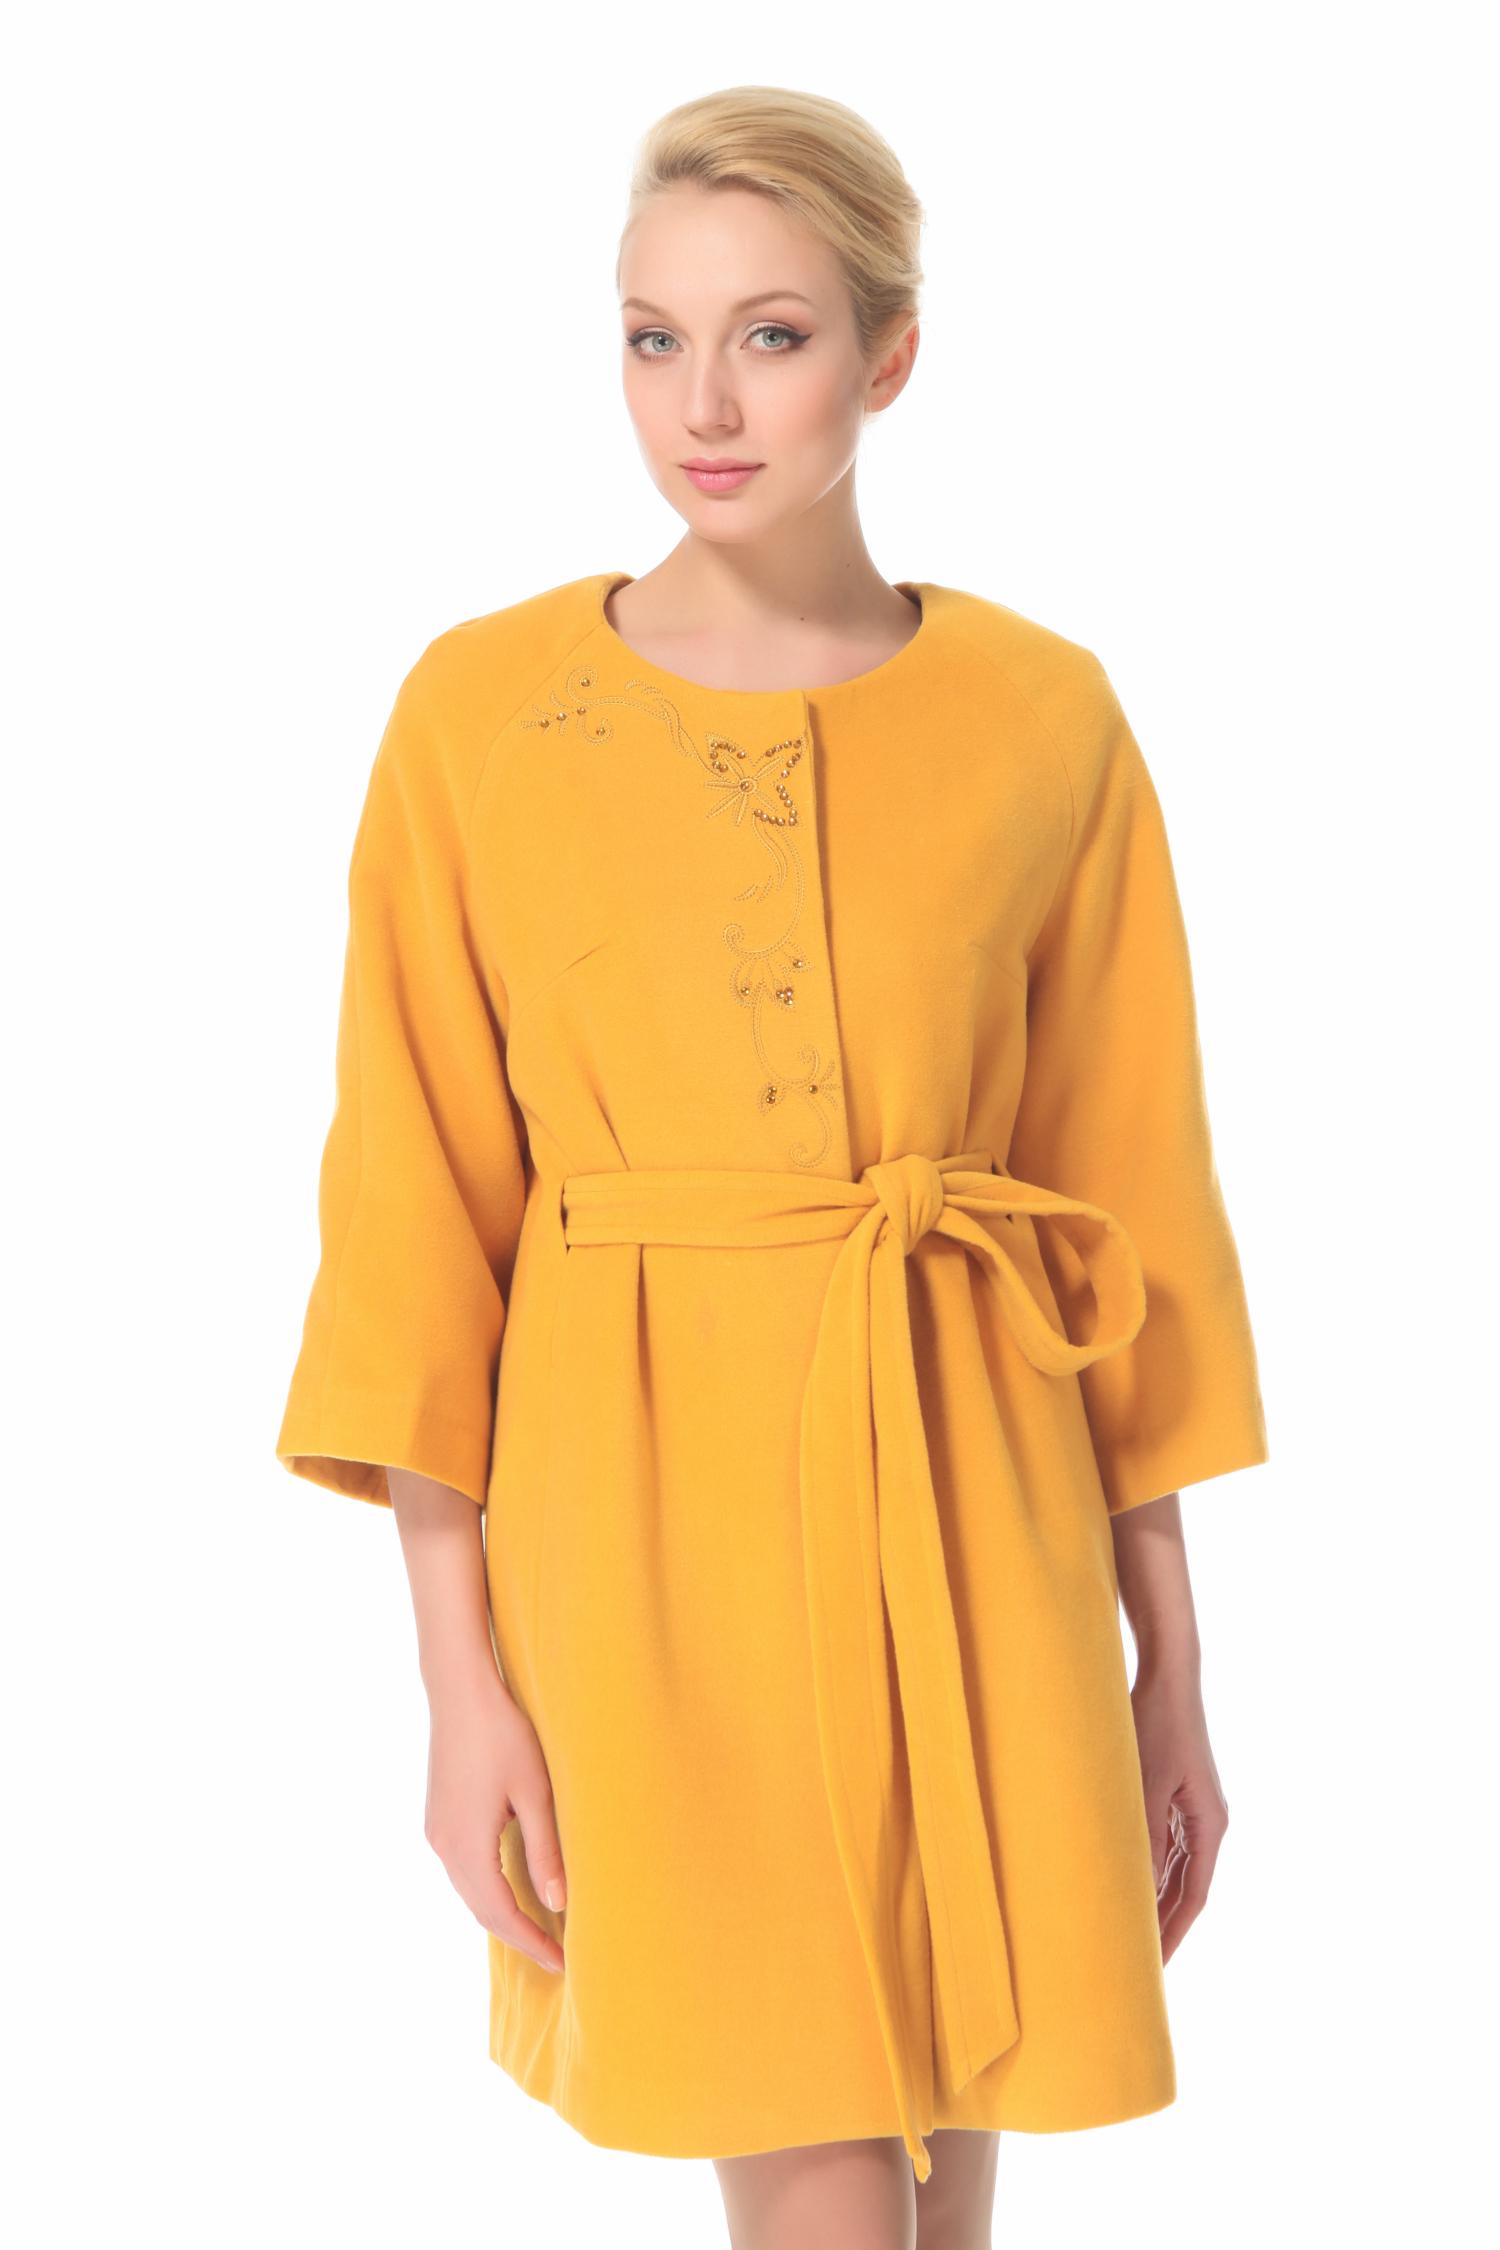 Женское пальто с воротником, без отделкиПальто от Московской меховой компании выполнено из текстиля желтого цвета.<br><br>Модель прямого силуэта с застежкой на кнопки.<br><br>Детали: воротник шанель; карманы без застежки; подкладка из полиэстера.<br><br>Воротник: Шанель<br>Длина см: 90<br>Материал: 20% шерсть 70% полиэстер 10% в<br>Цвет: Желтый<br>Пол: Женский